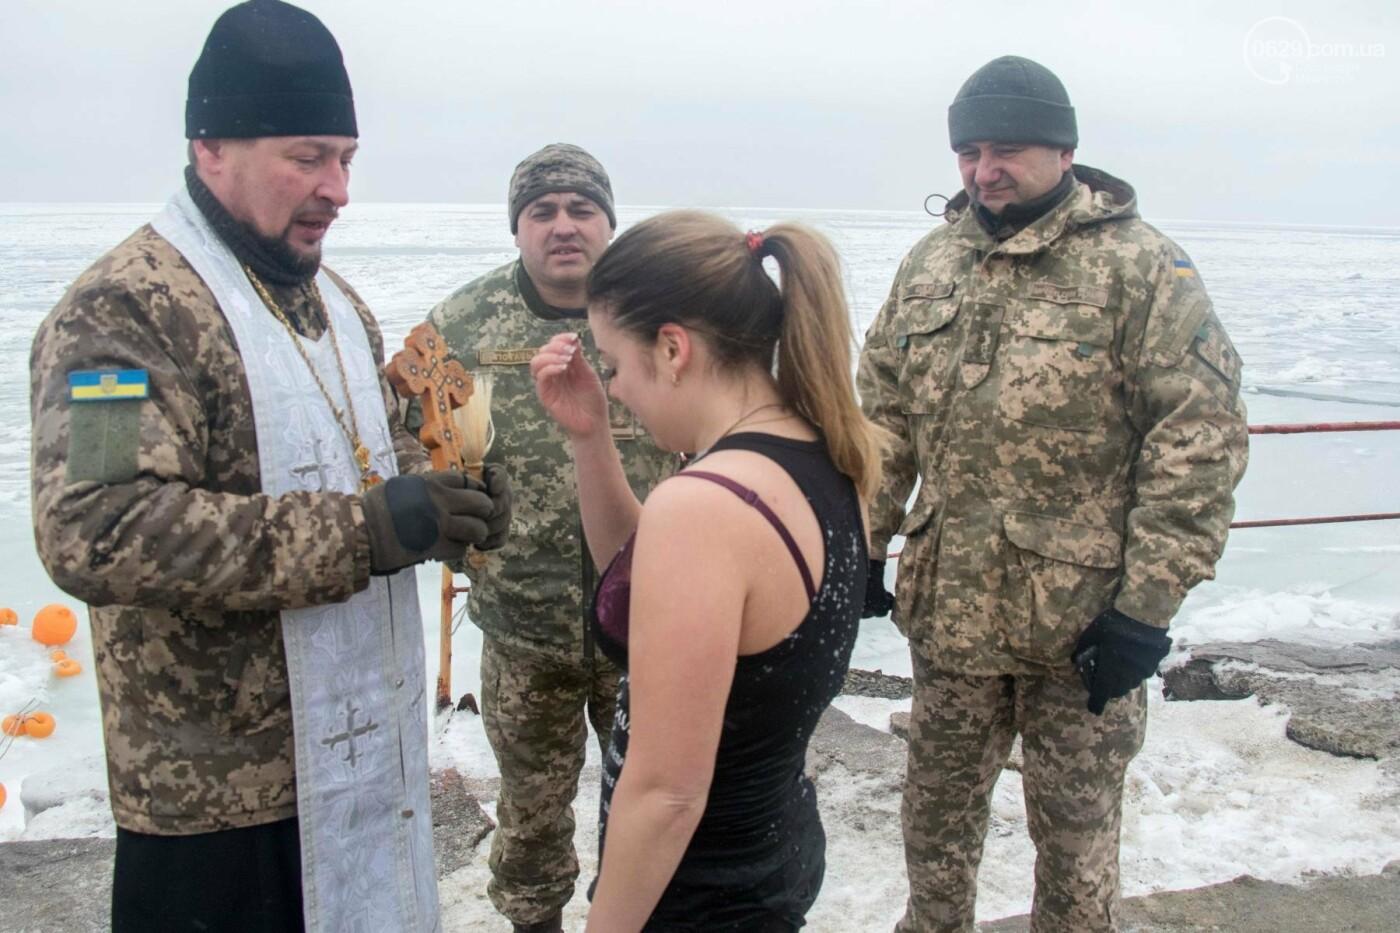 Голые и освященные: крещенский фоторепортаж 0629.com.ua, фото-22